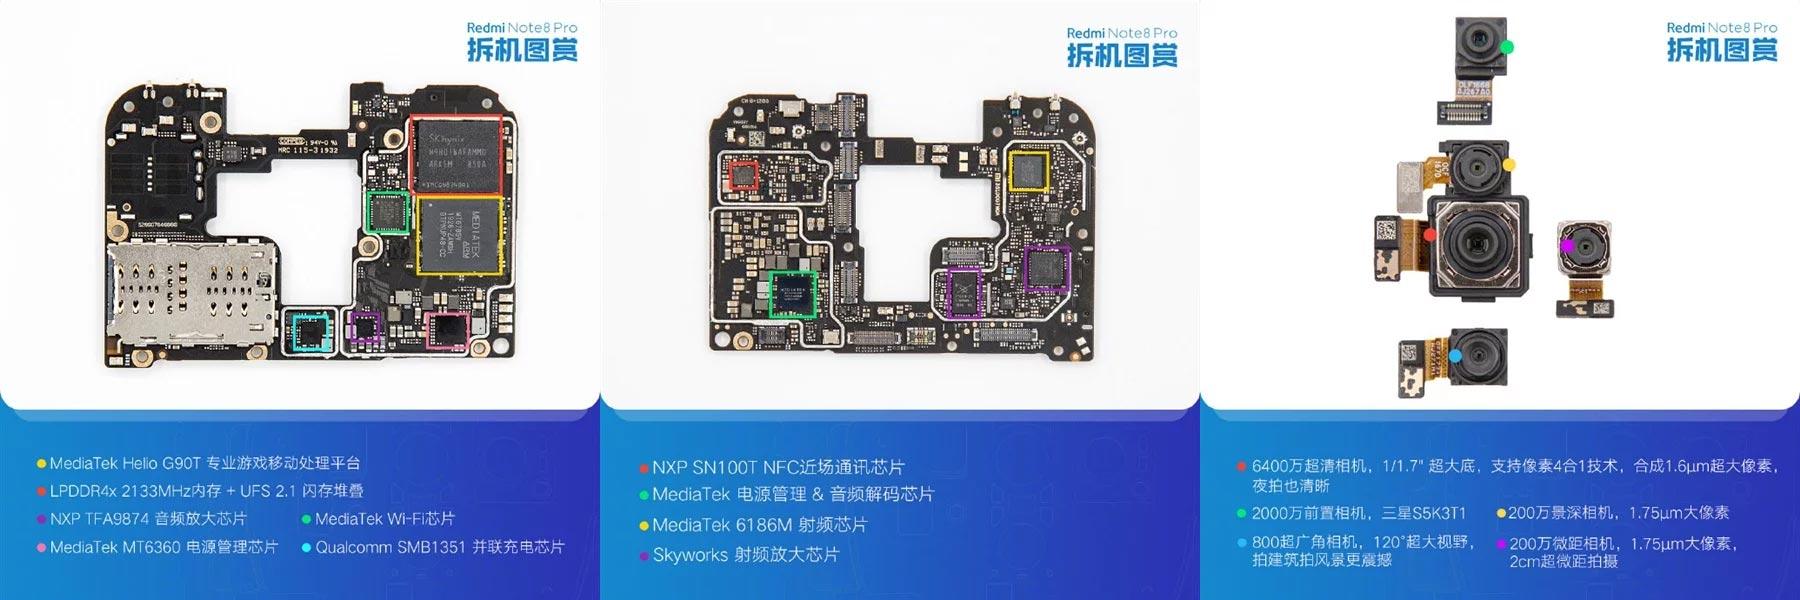 Разобранный Redmi Note 8 Pro